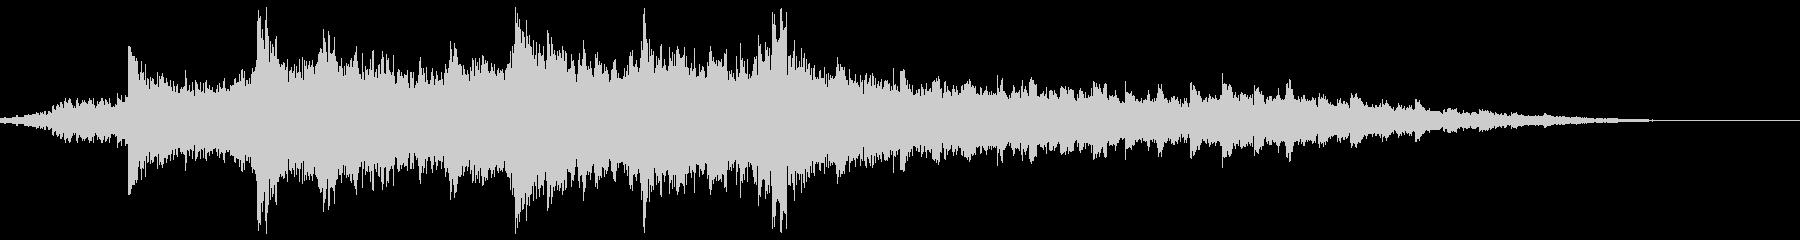 texture14の未再生の波形